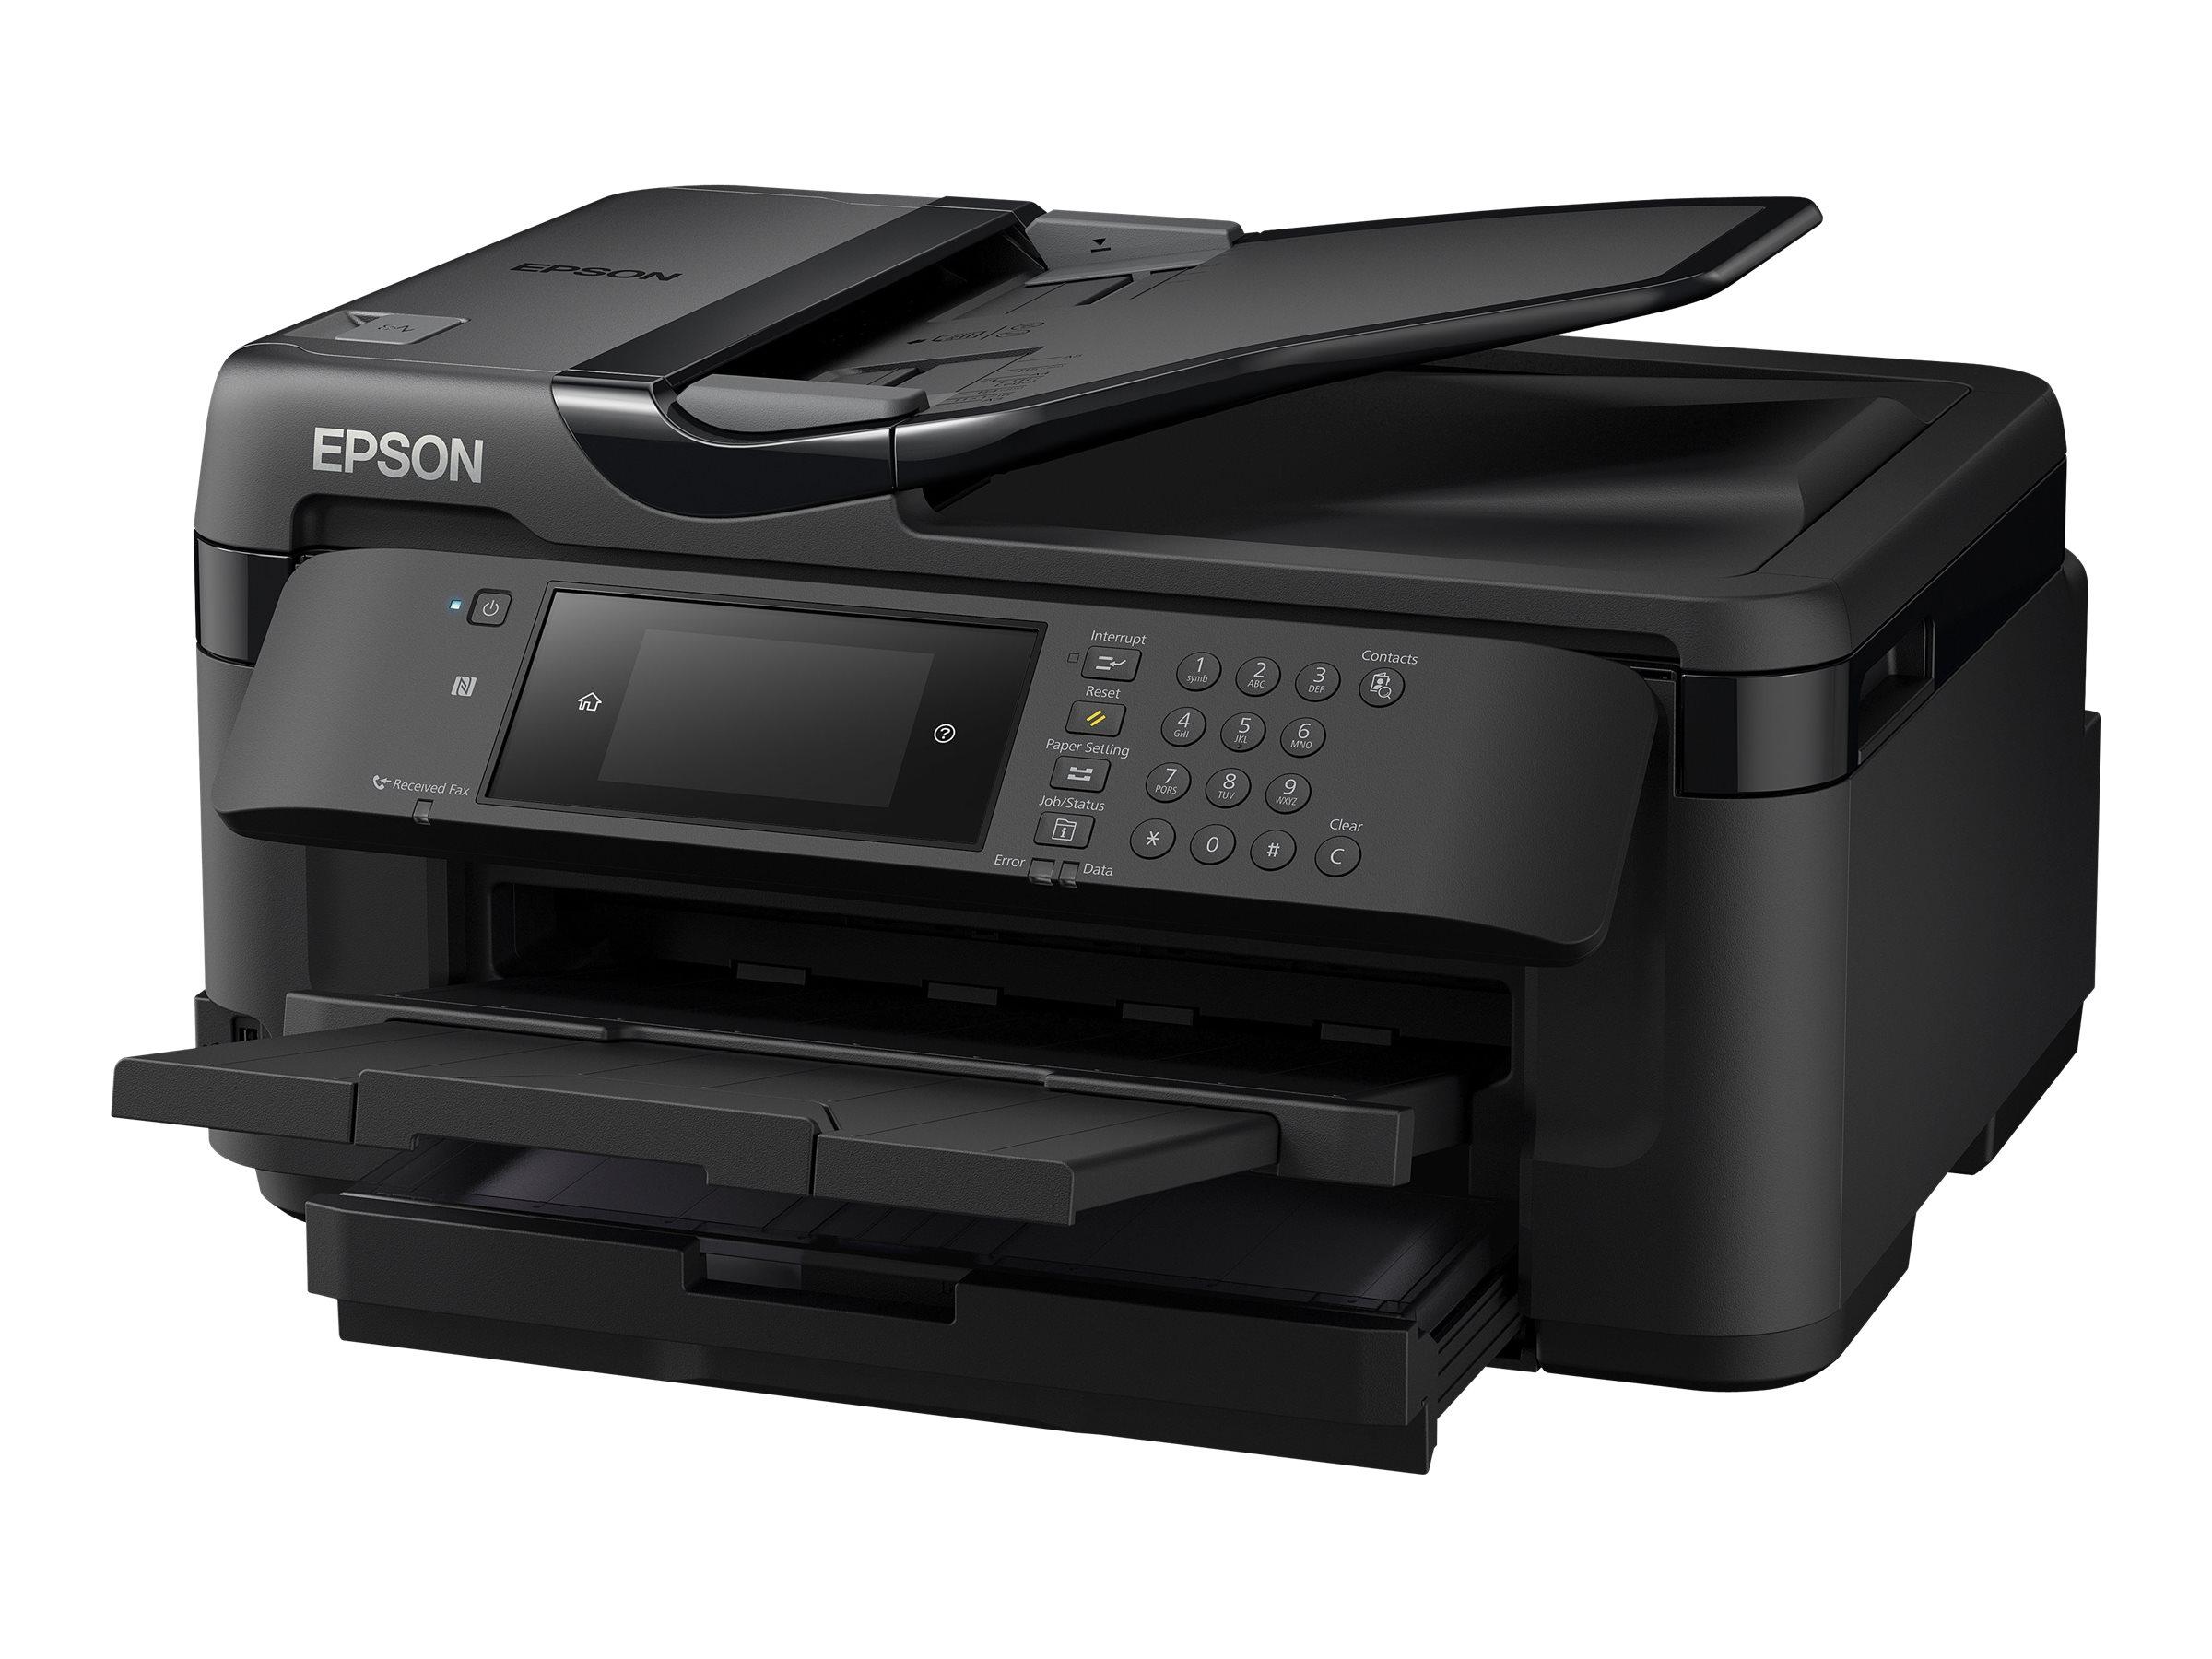 Epson WorkForce WF-7710DWF - imprimante multifonctions jet d'encre couleur A3 - Wifi, USB, NFC - recto-verso